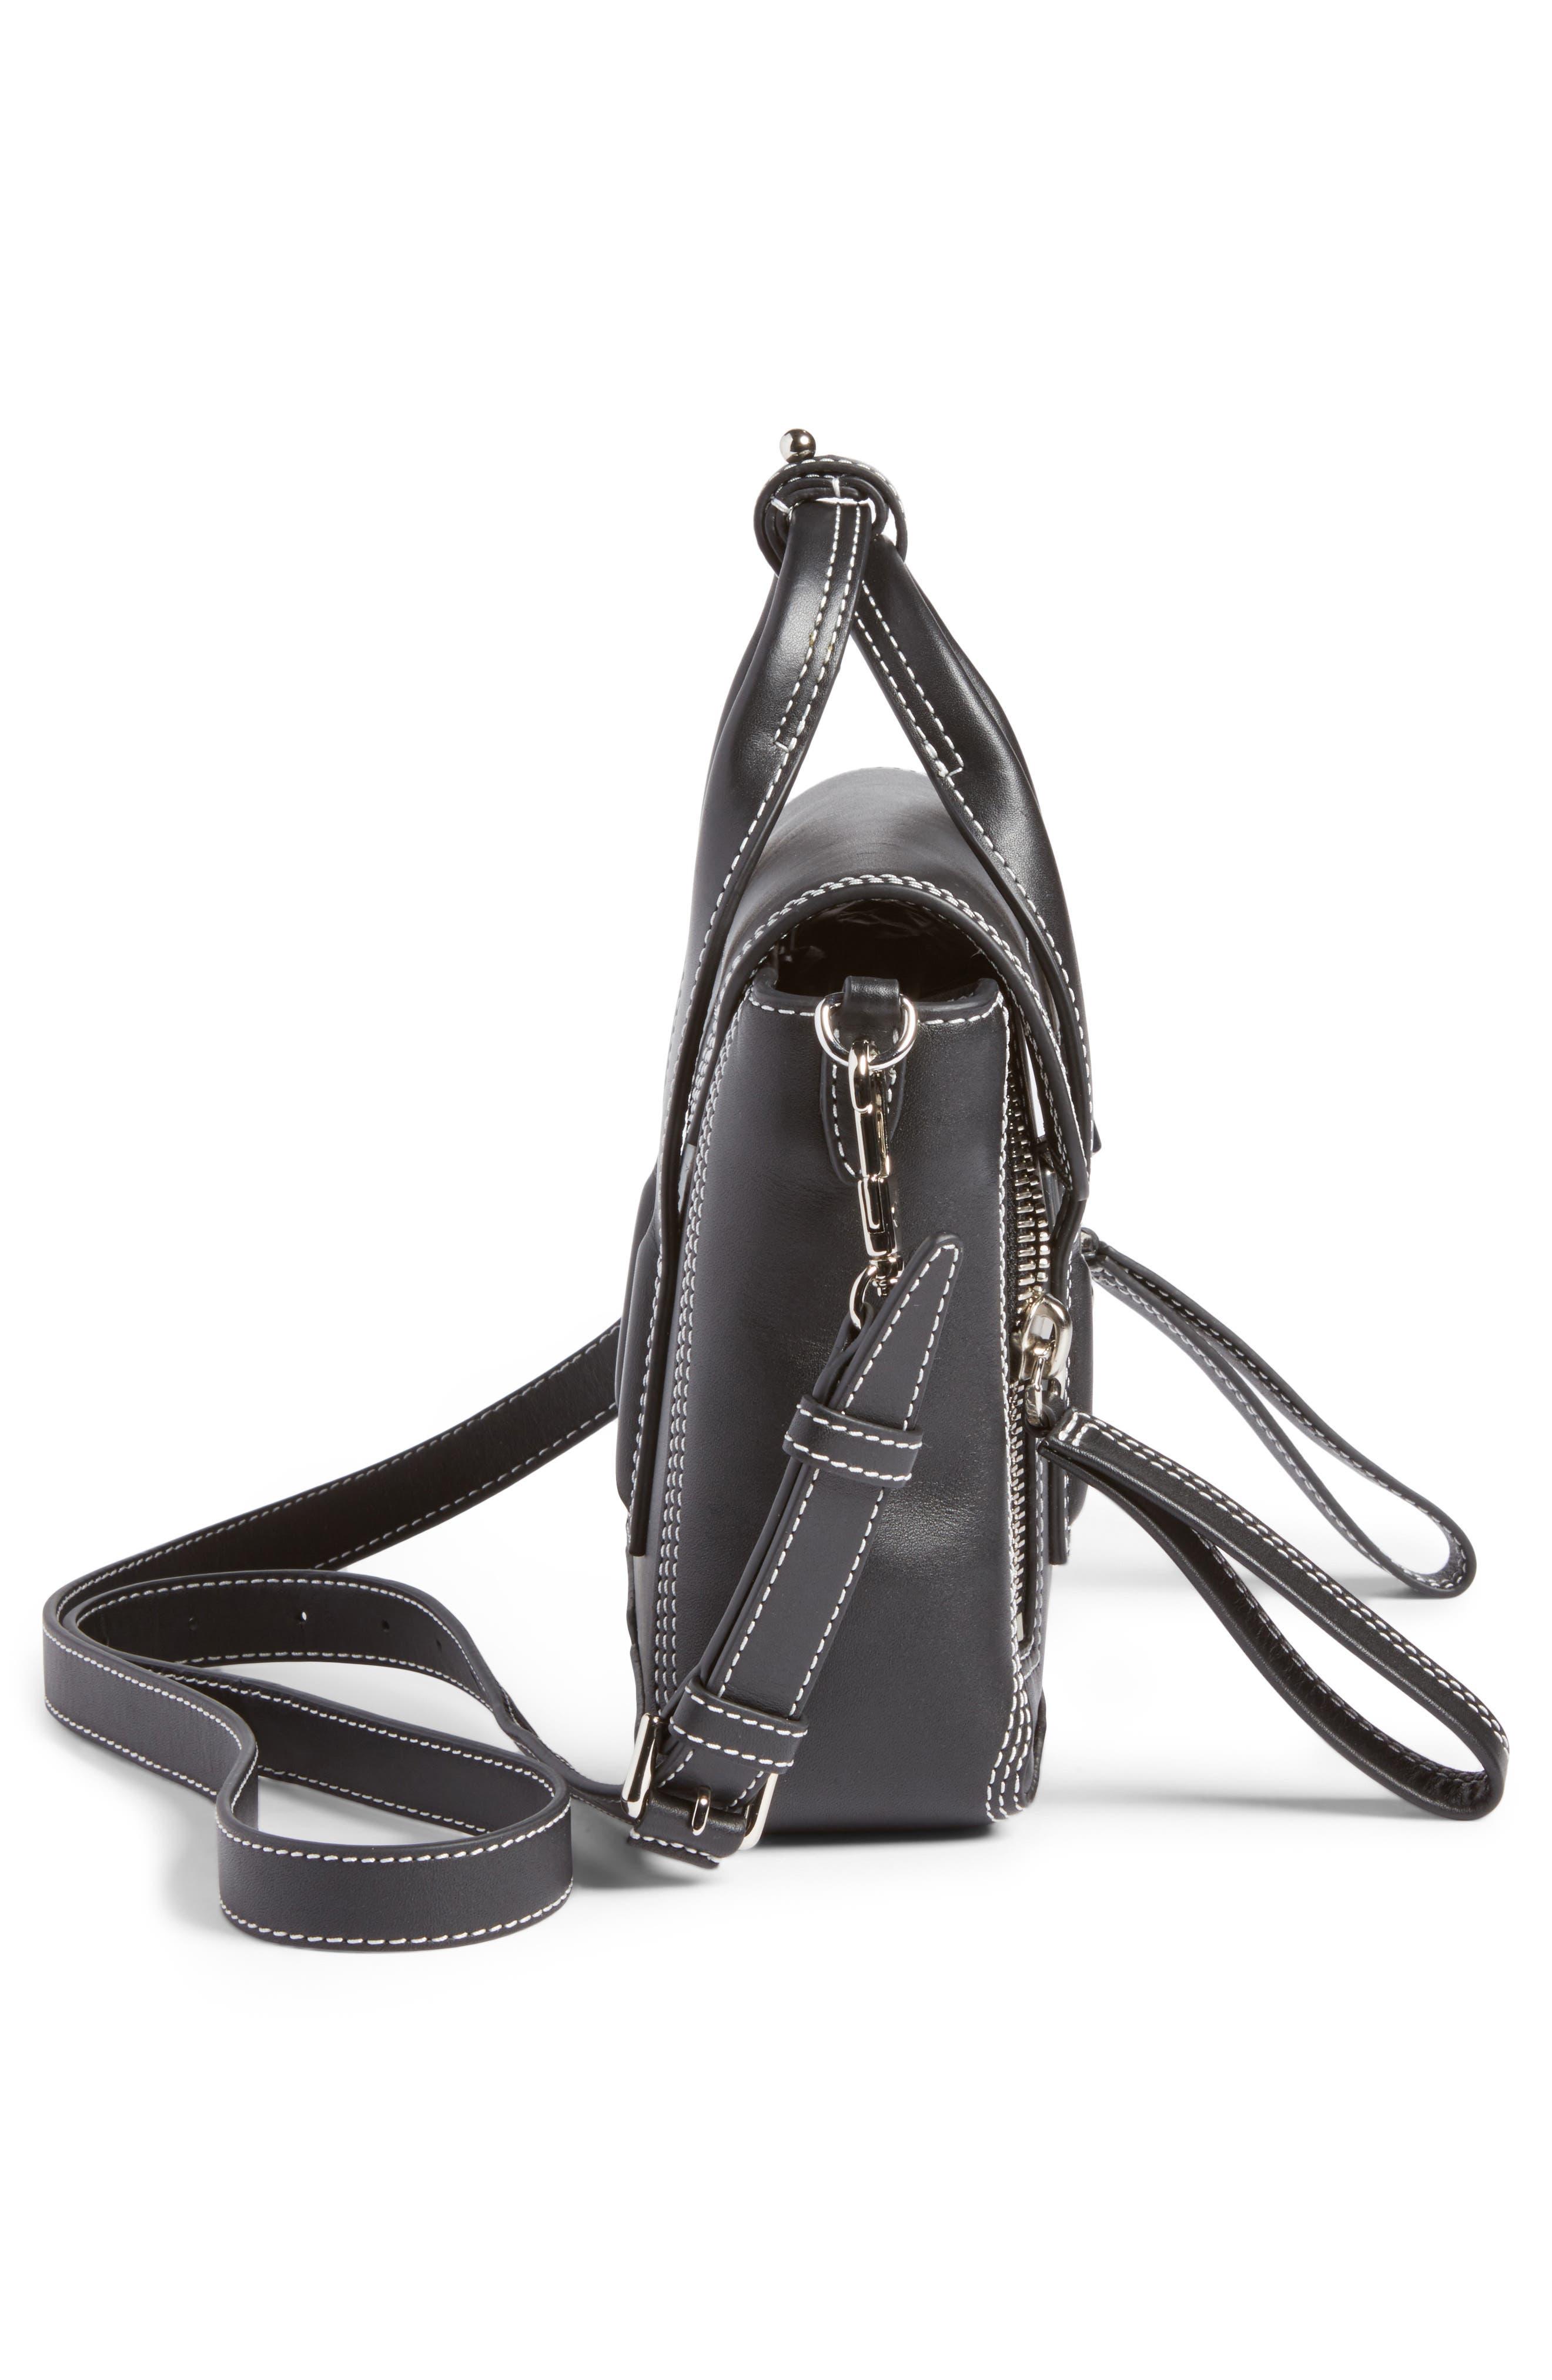 Mini Pashli Leather Satchel,                             Alternate thumbnail 5, color,